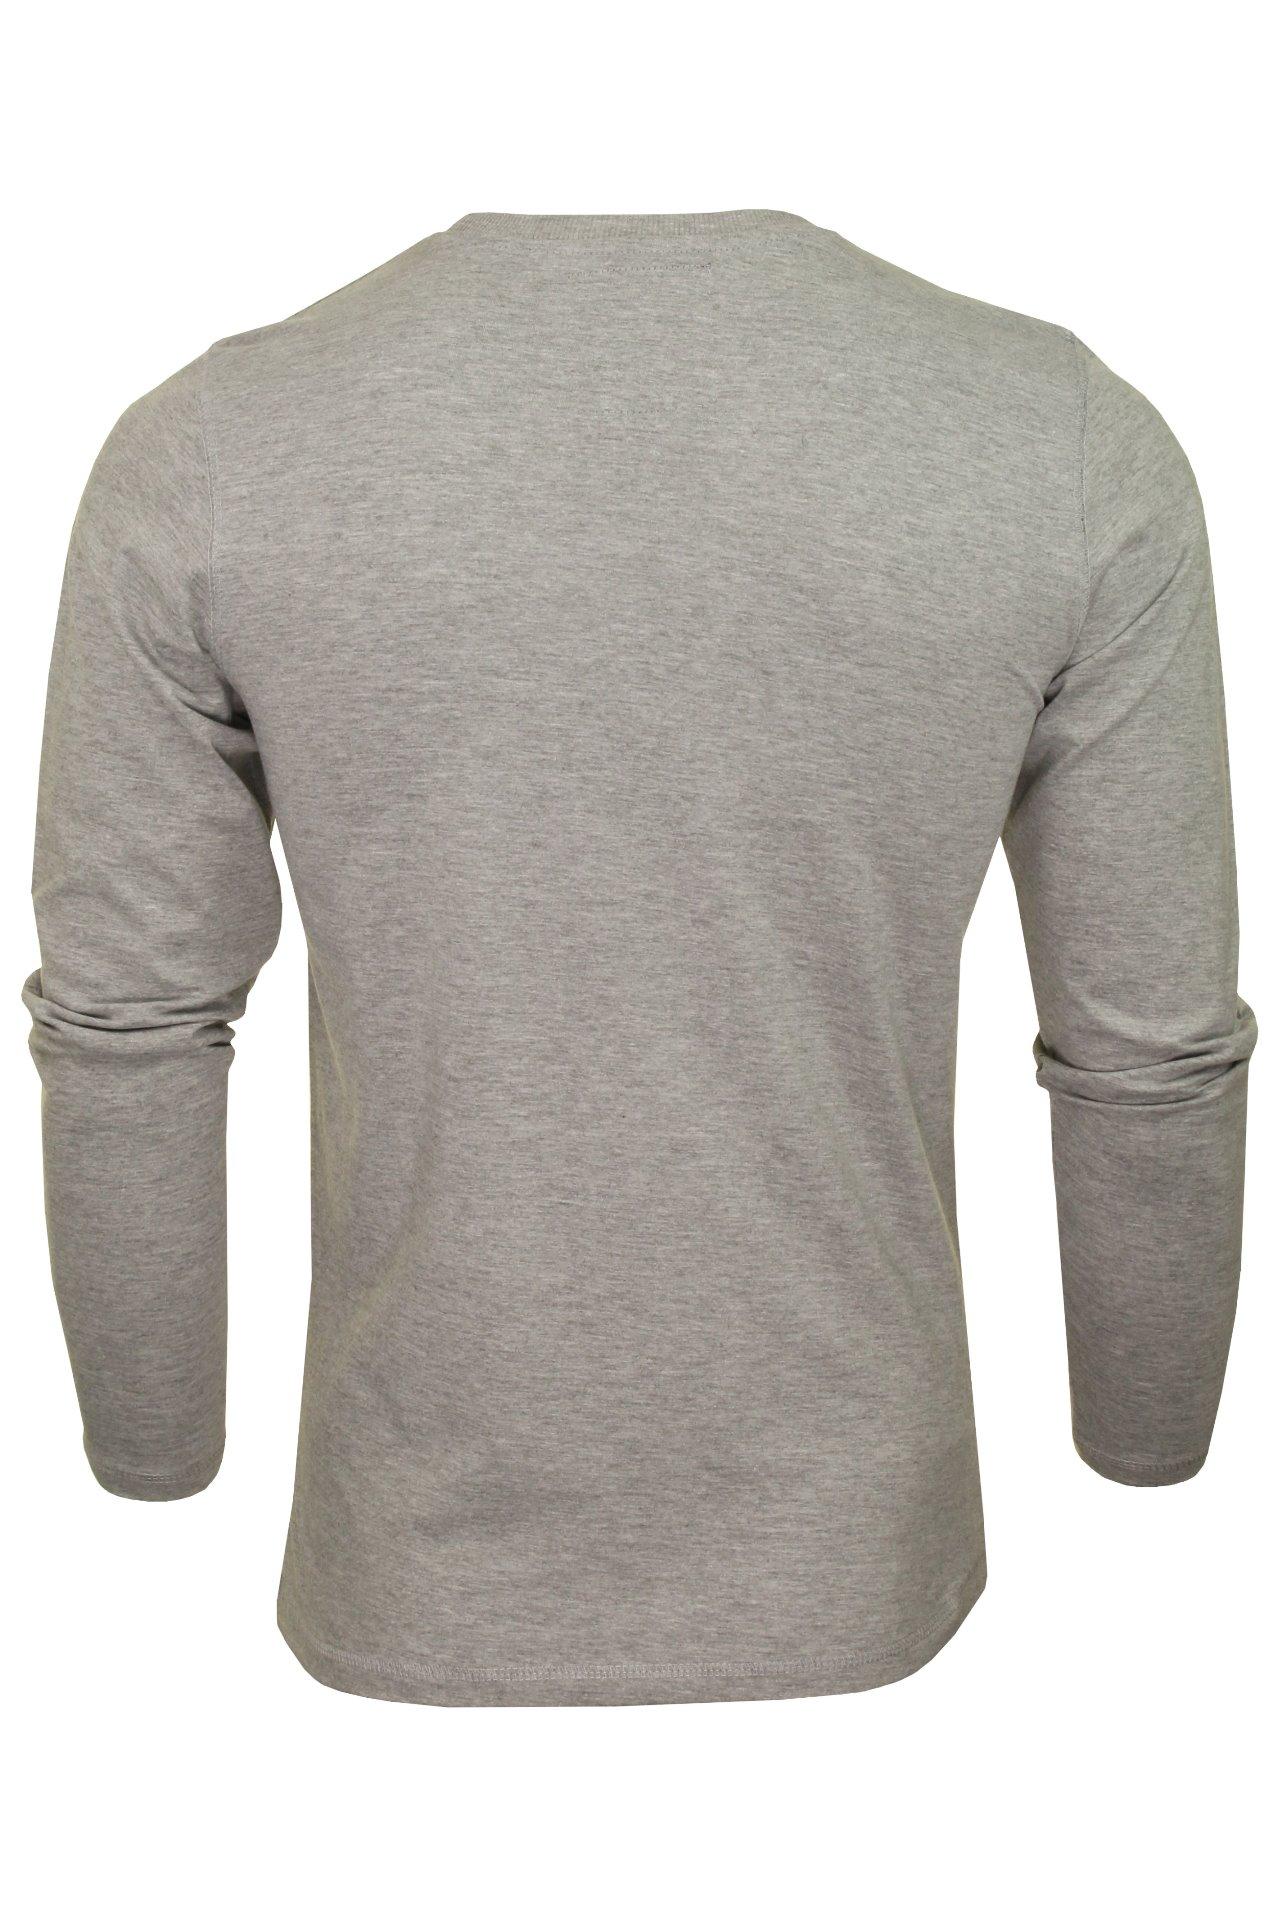 Mens-Tokyo-Laundry-Long-Sleeved-T-Shirt thumbnail 6